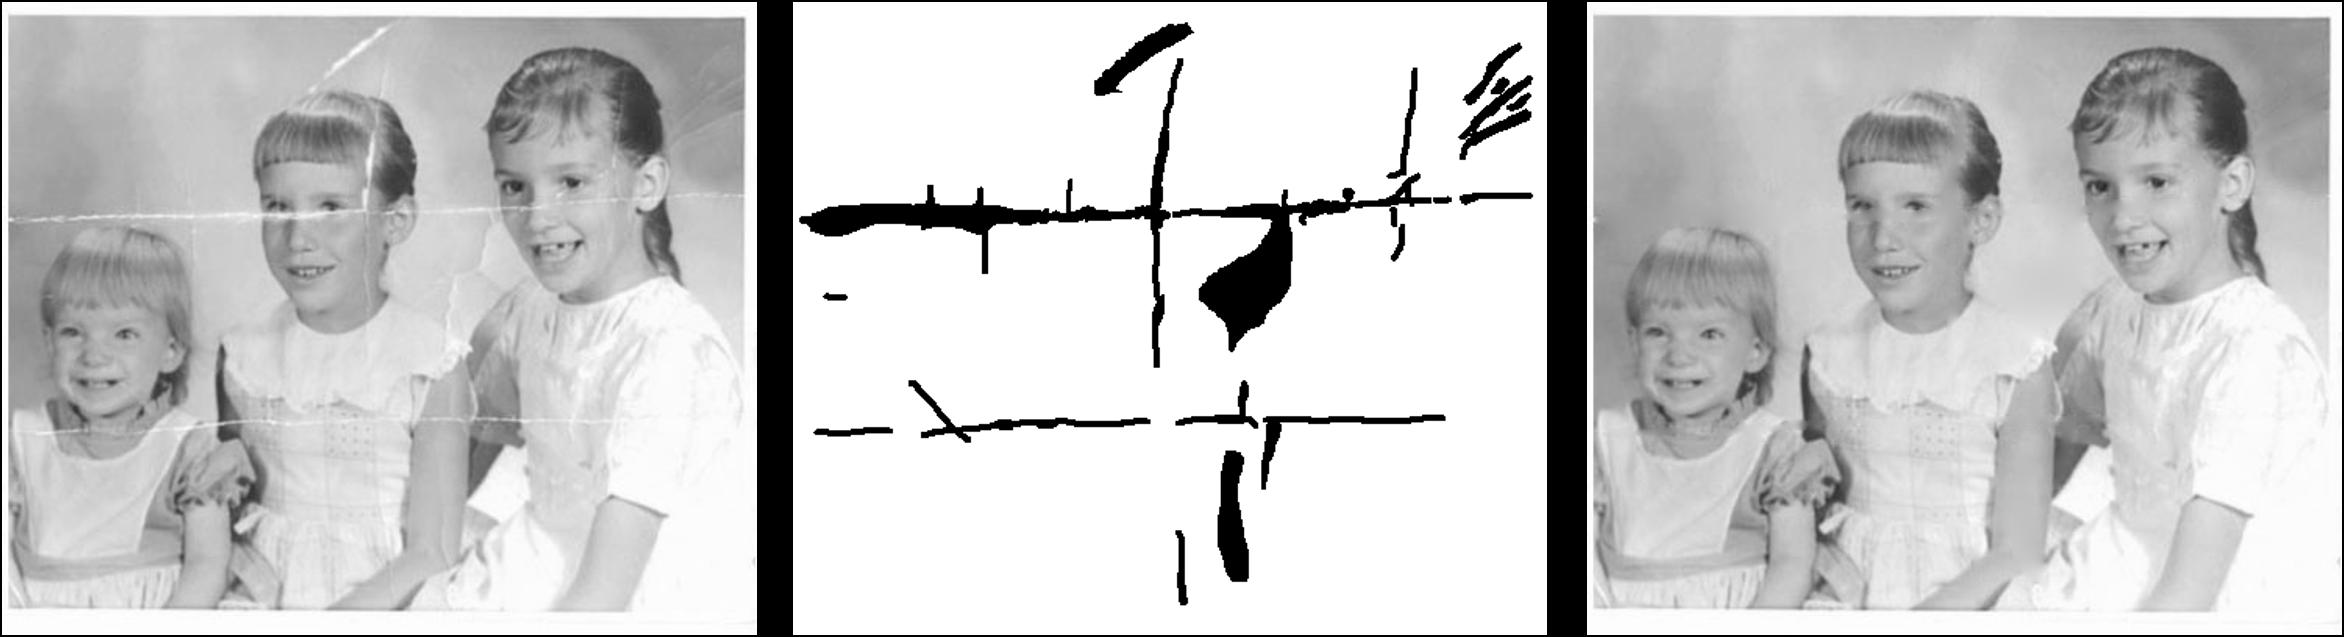 example_3